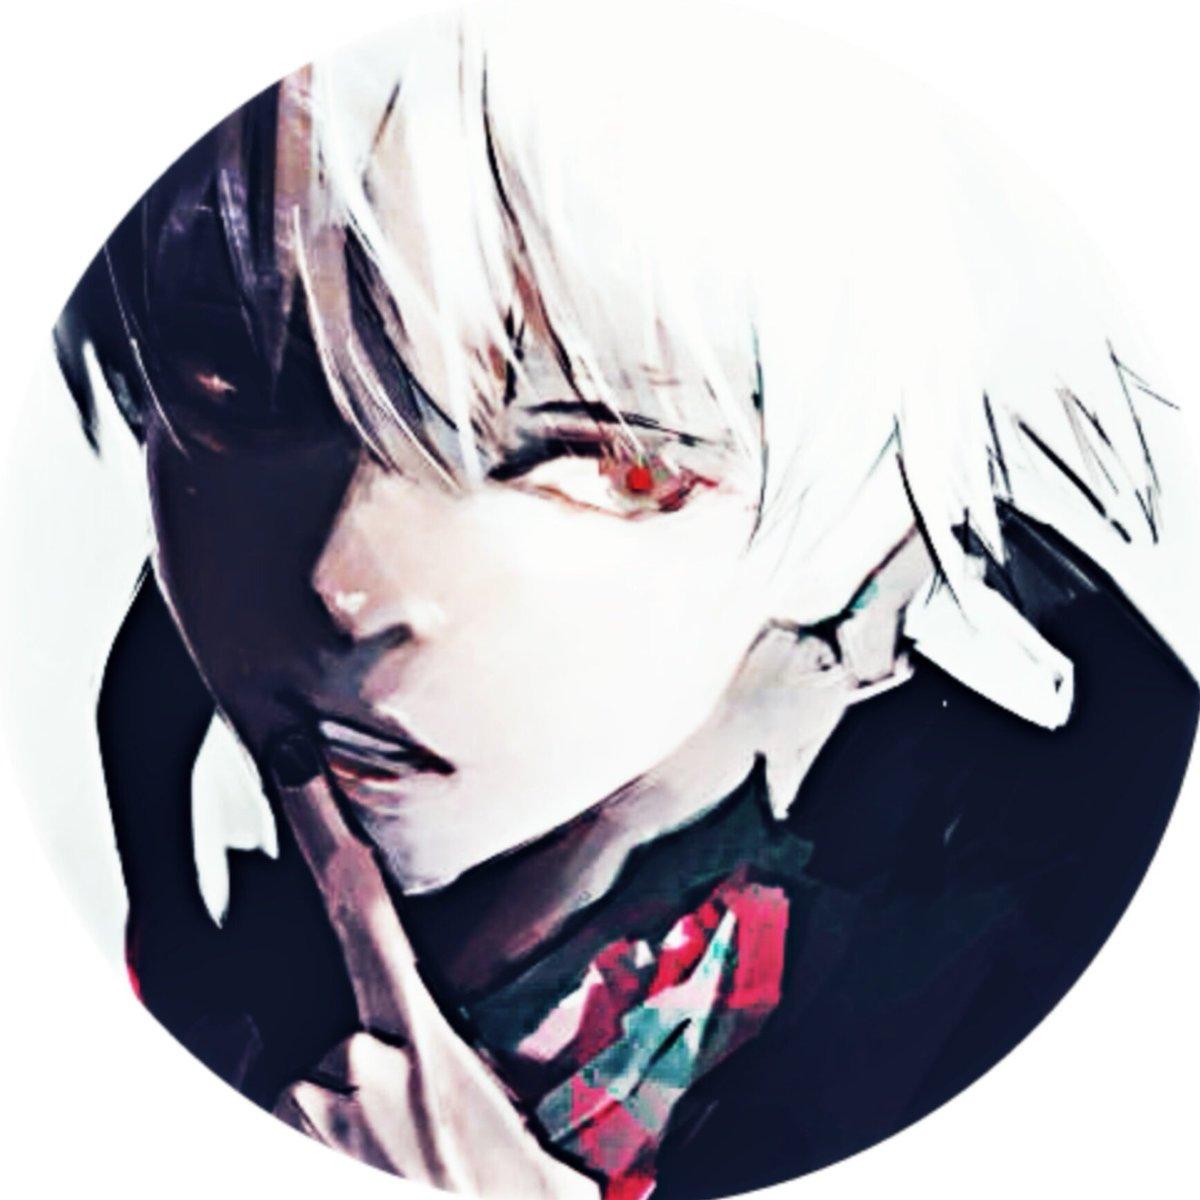 [Capítulo - Solo] Conhecimentos Macabros Dxn0h3VX4AgVPTN